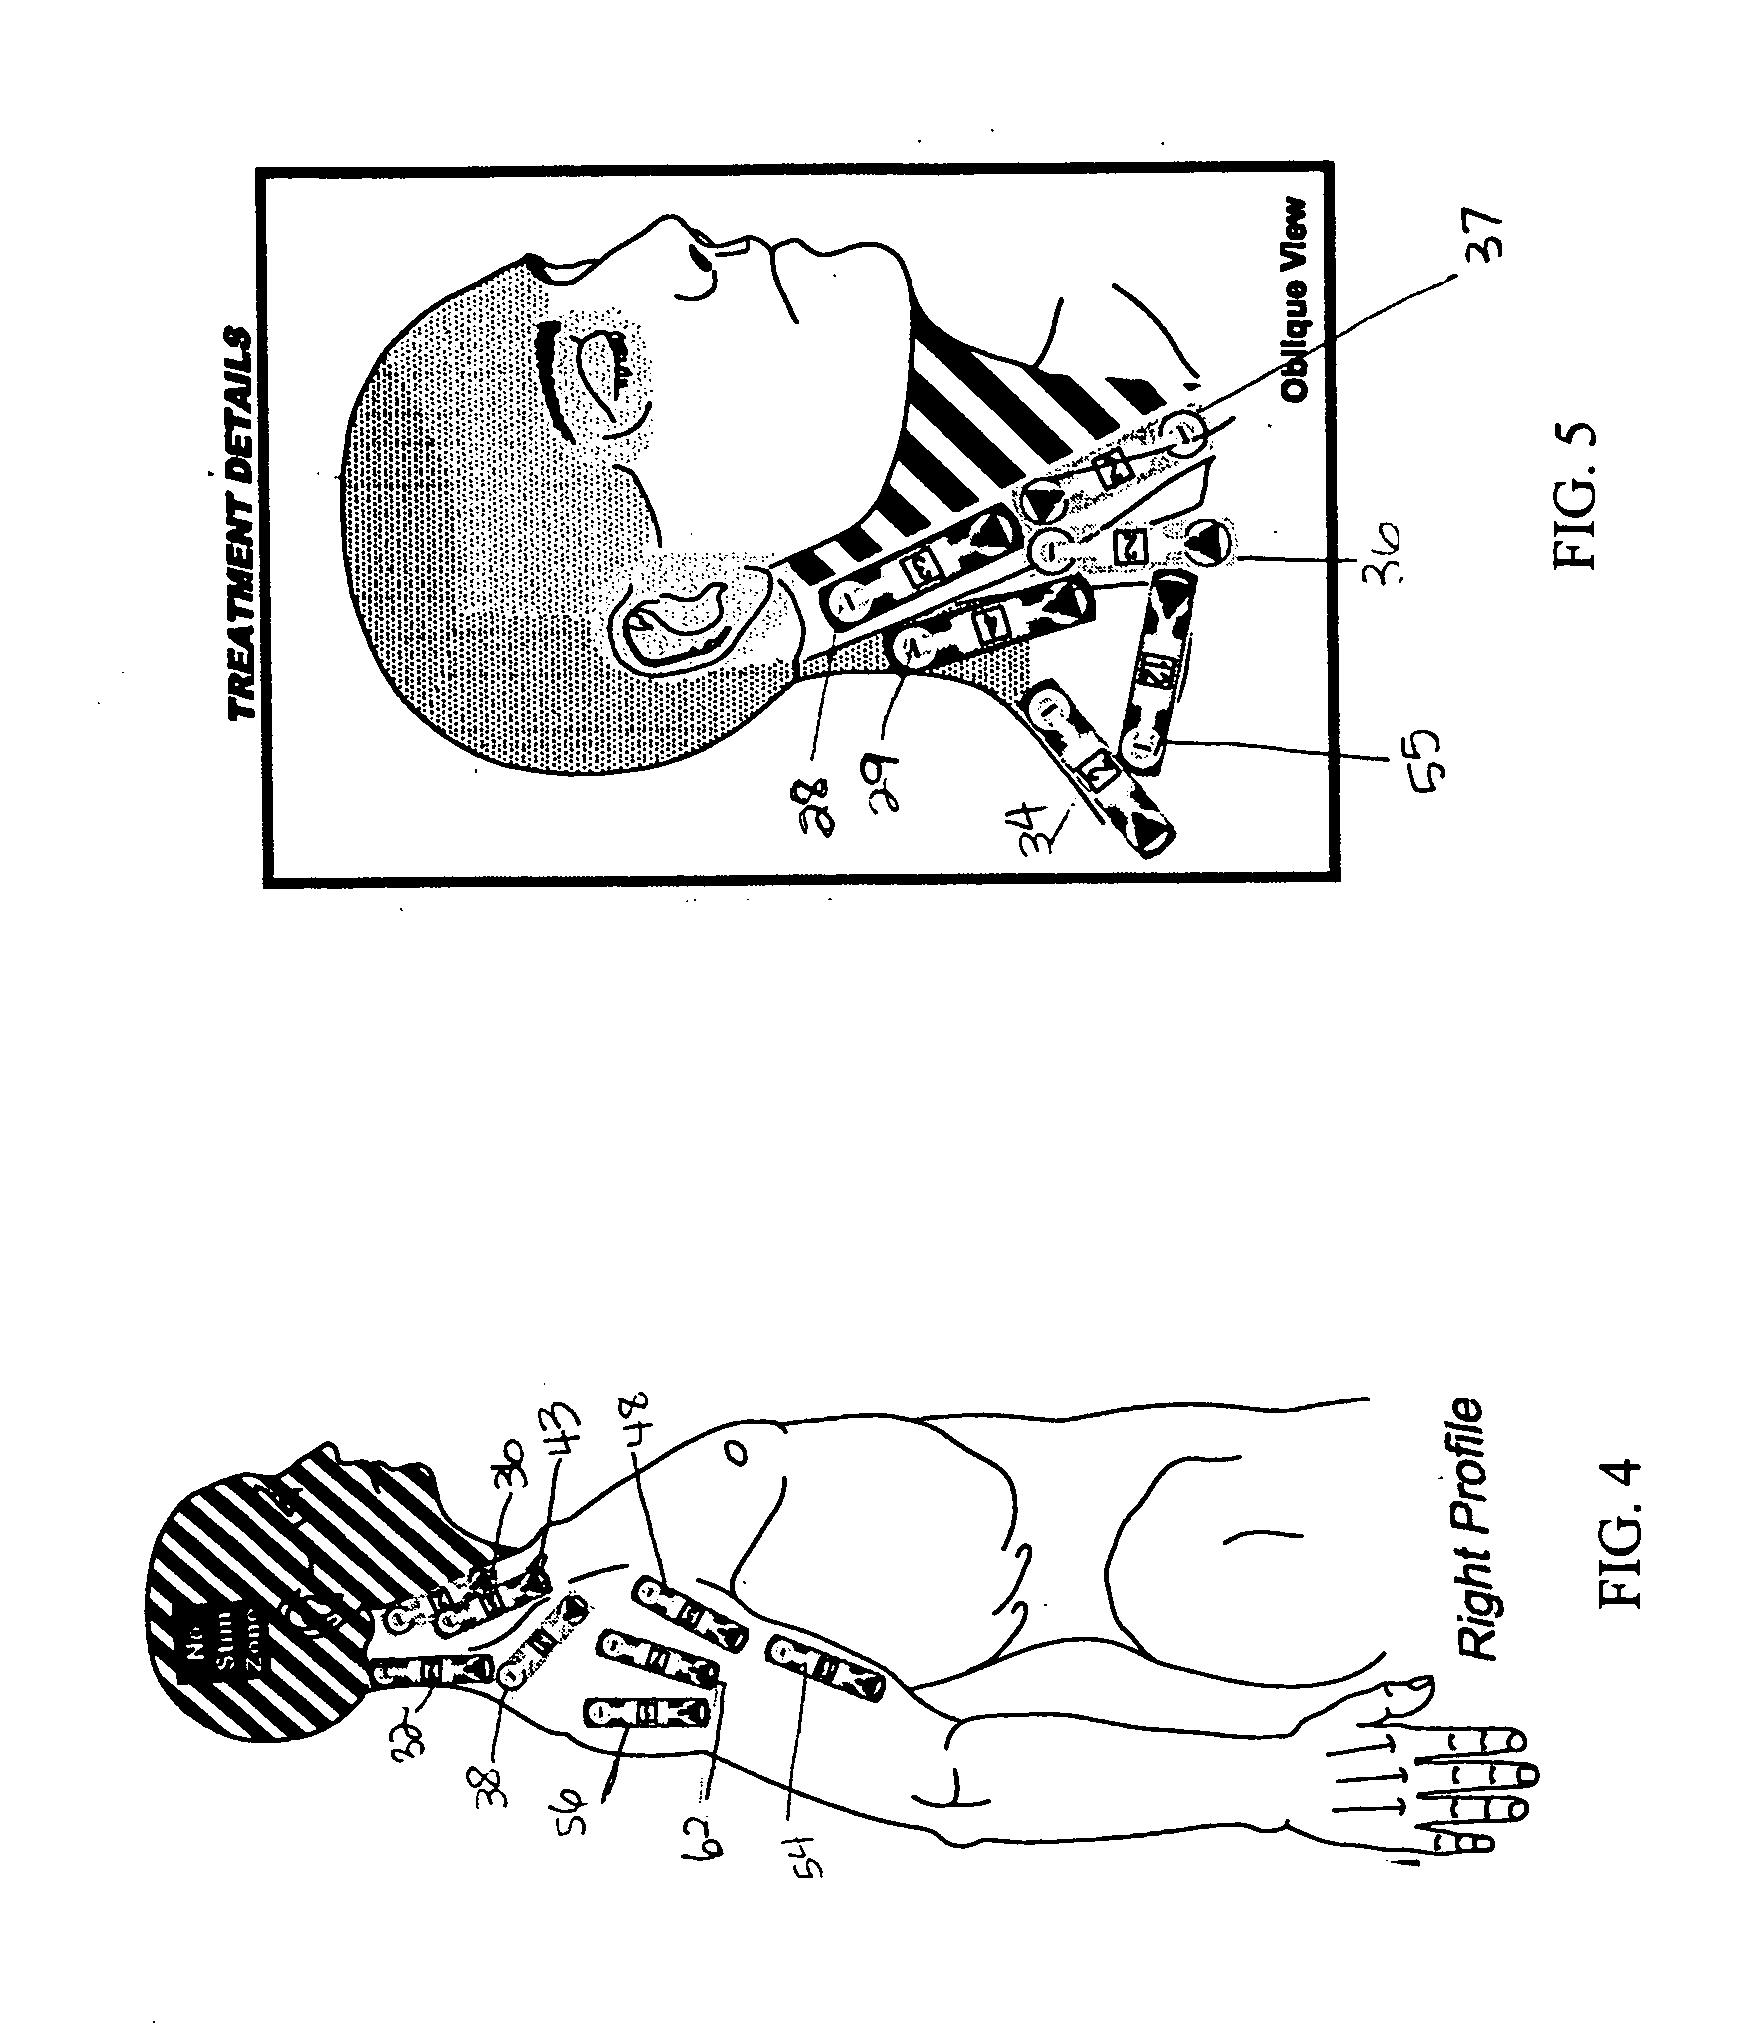 floor speaker wiring diagram